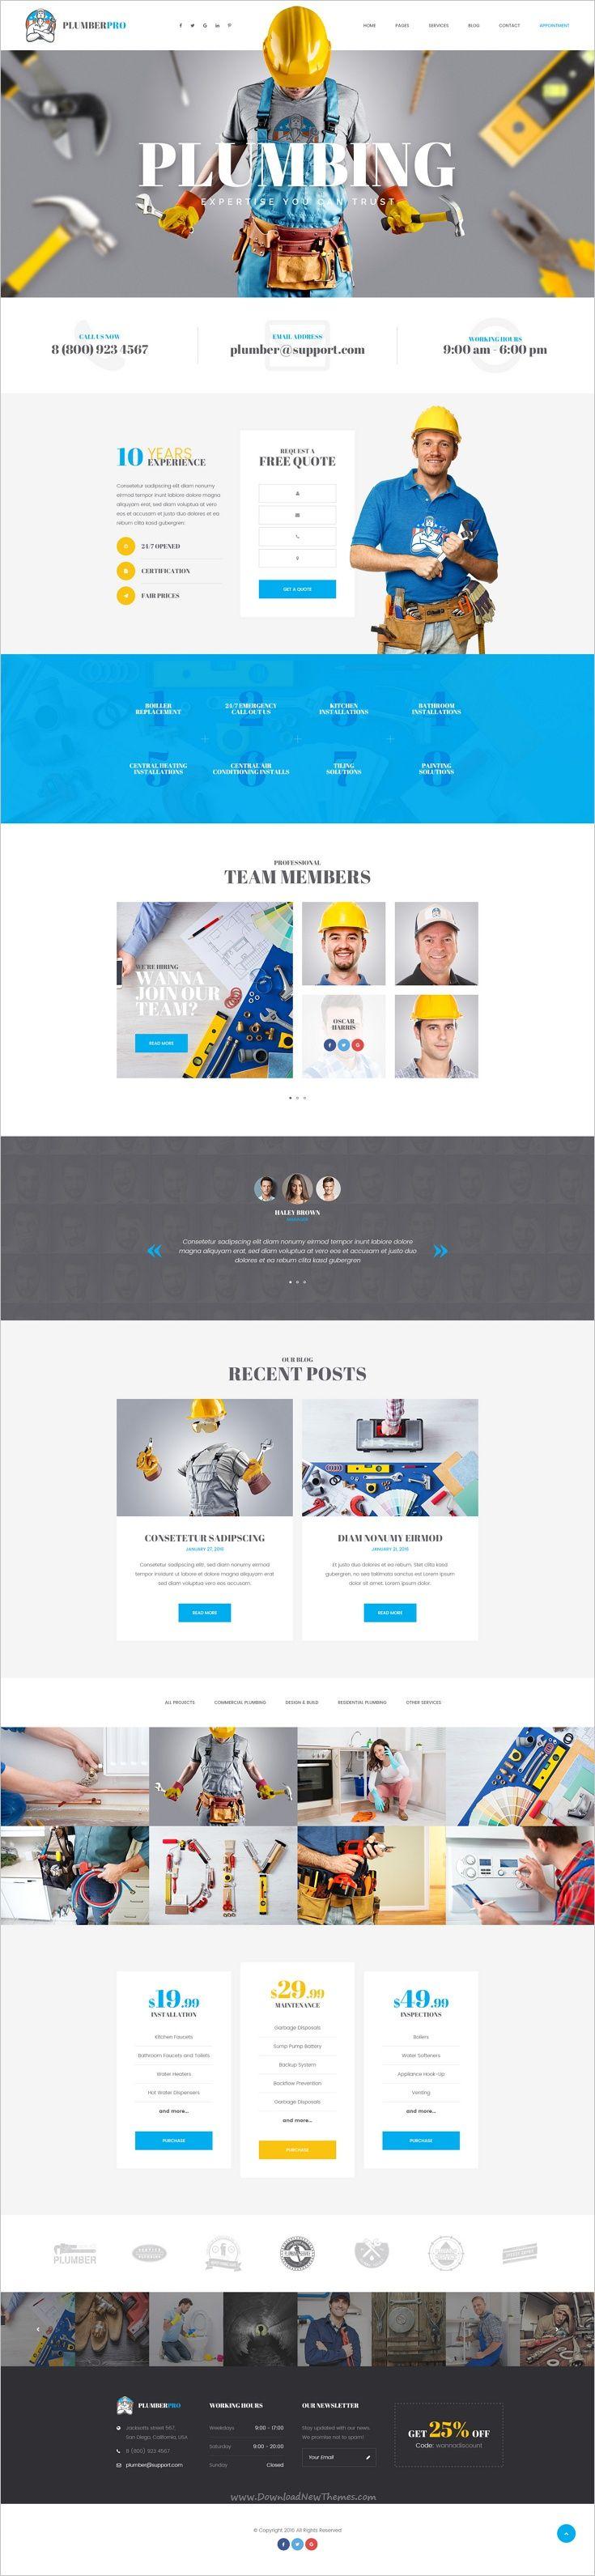 20 best Handyman website design images on Pinterest | Website ...